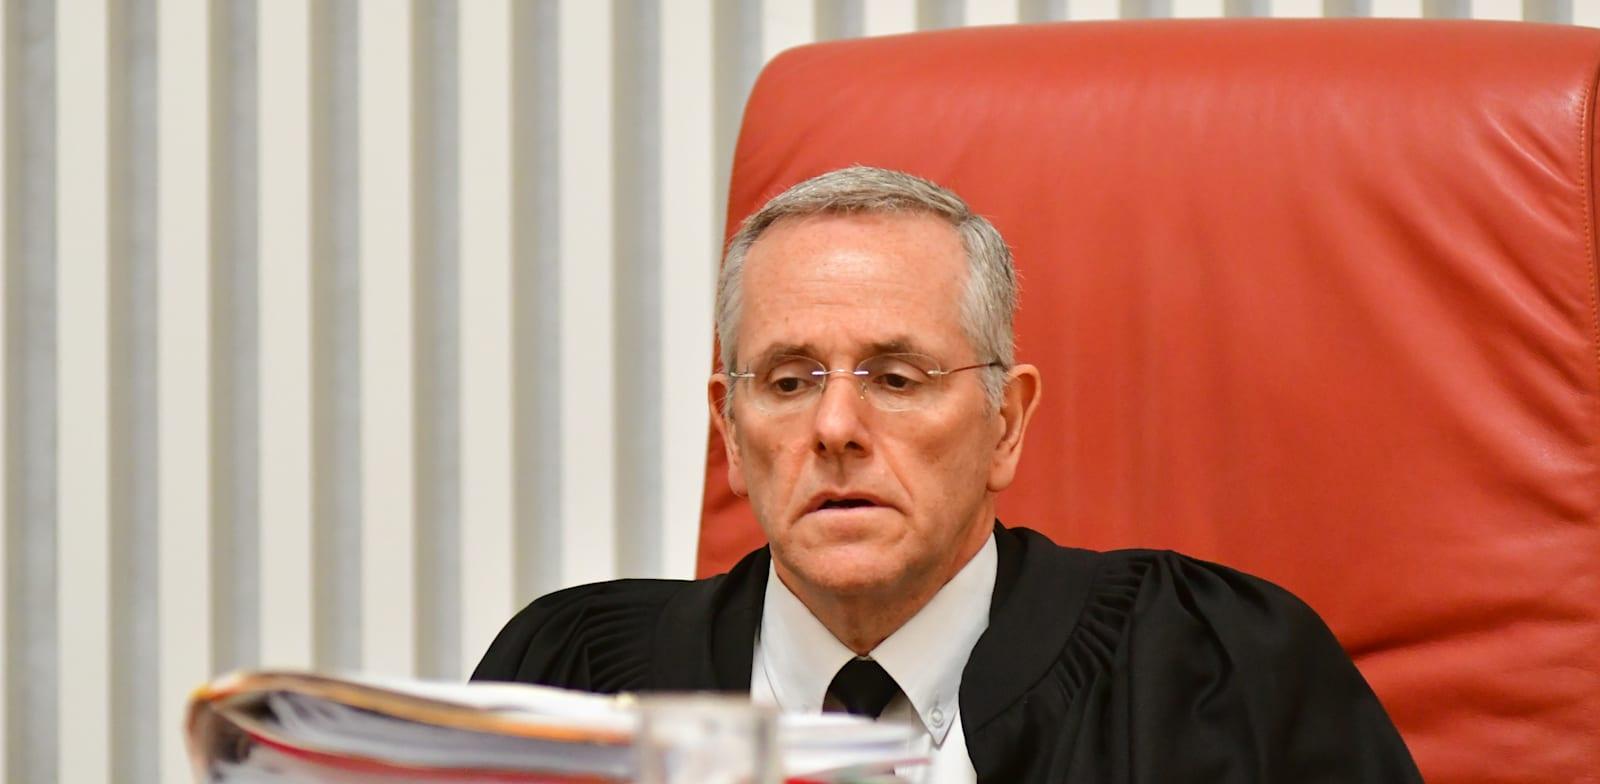 השופט דוד מינץ / צילום: רפי קוץ